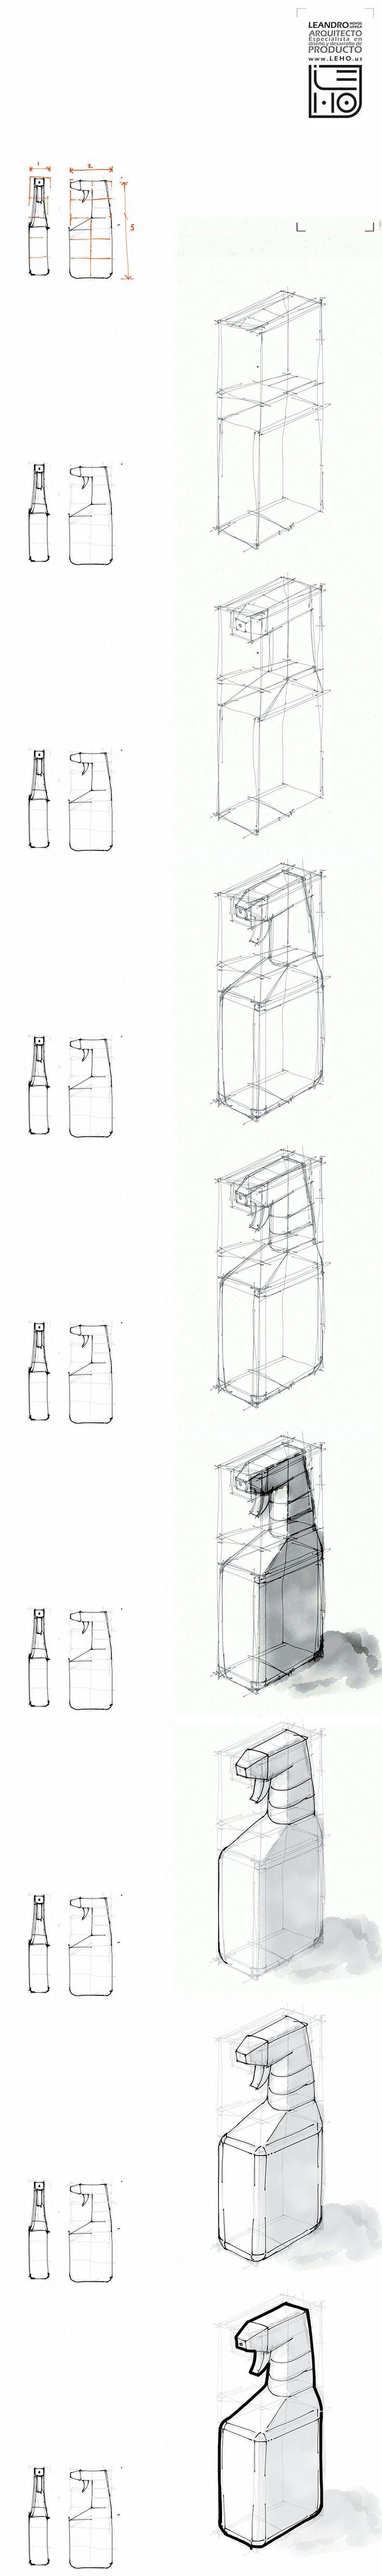 Tutorial rapido de bocetacion. Botella Bottle sketch. Hecho en Ipad con la app Paper 53